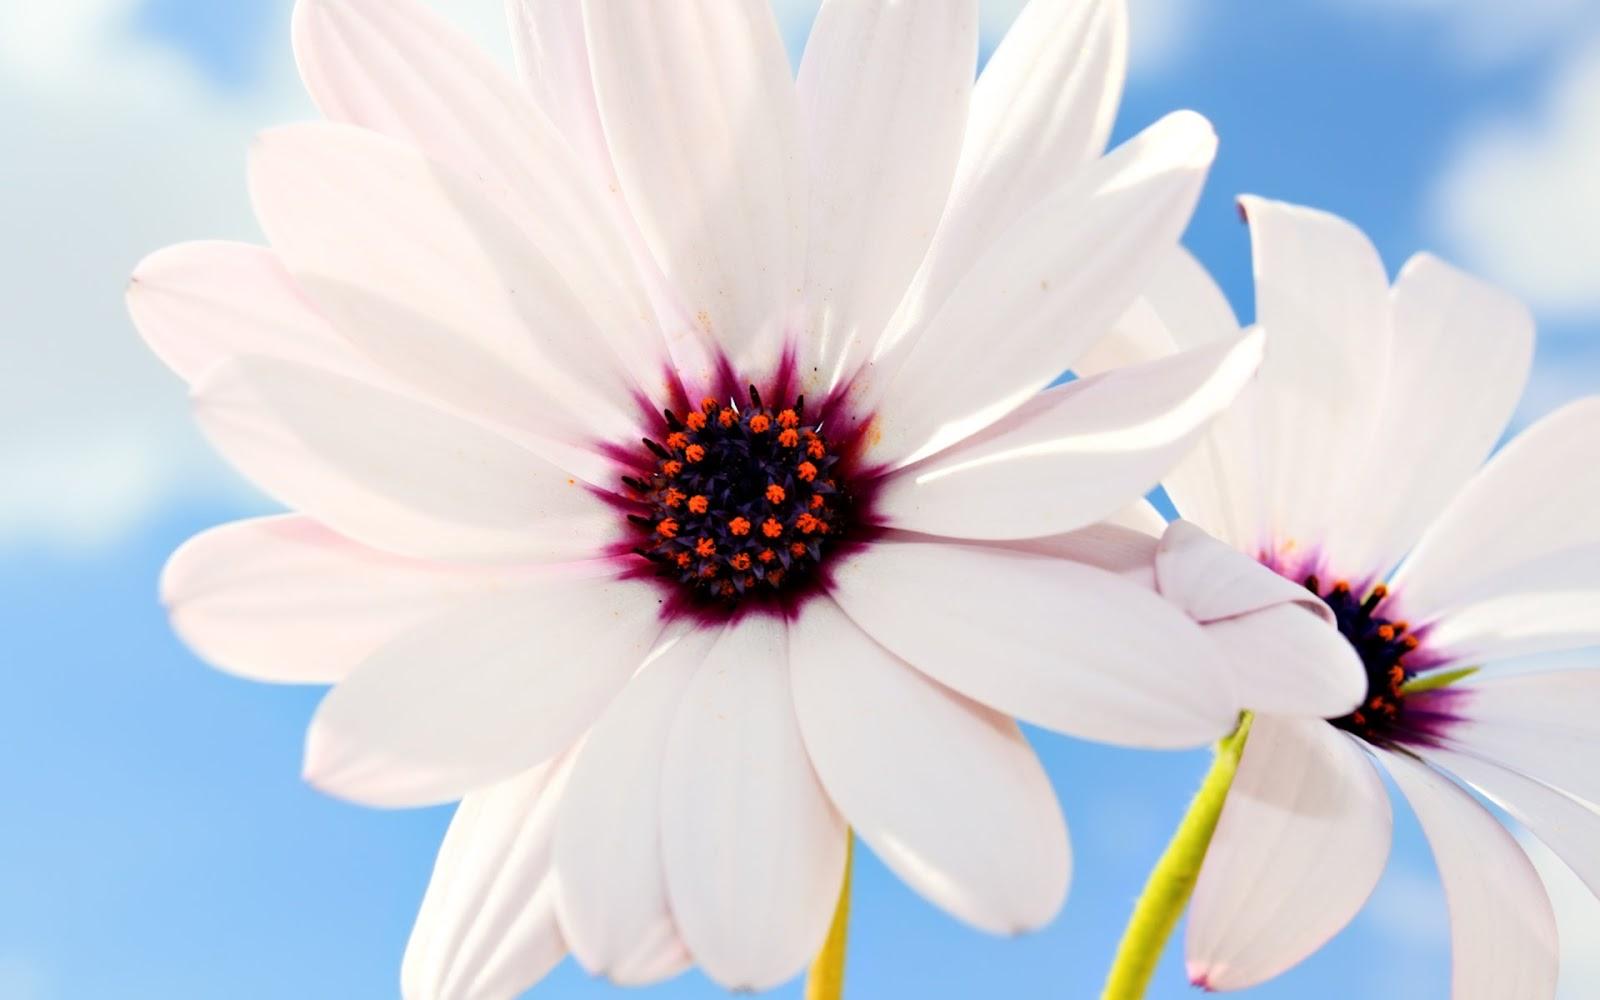 صور بوكيه ورد ابيض , اجمل باقات الورد الابيض